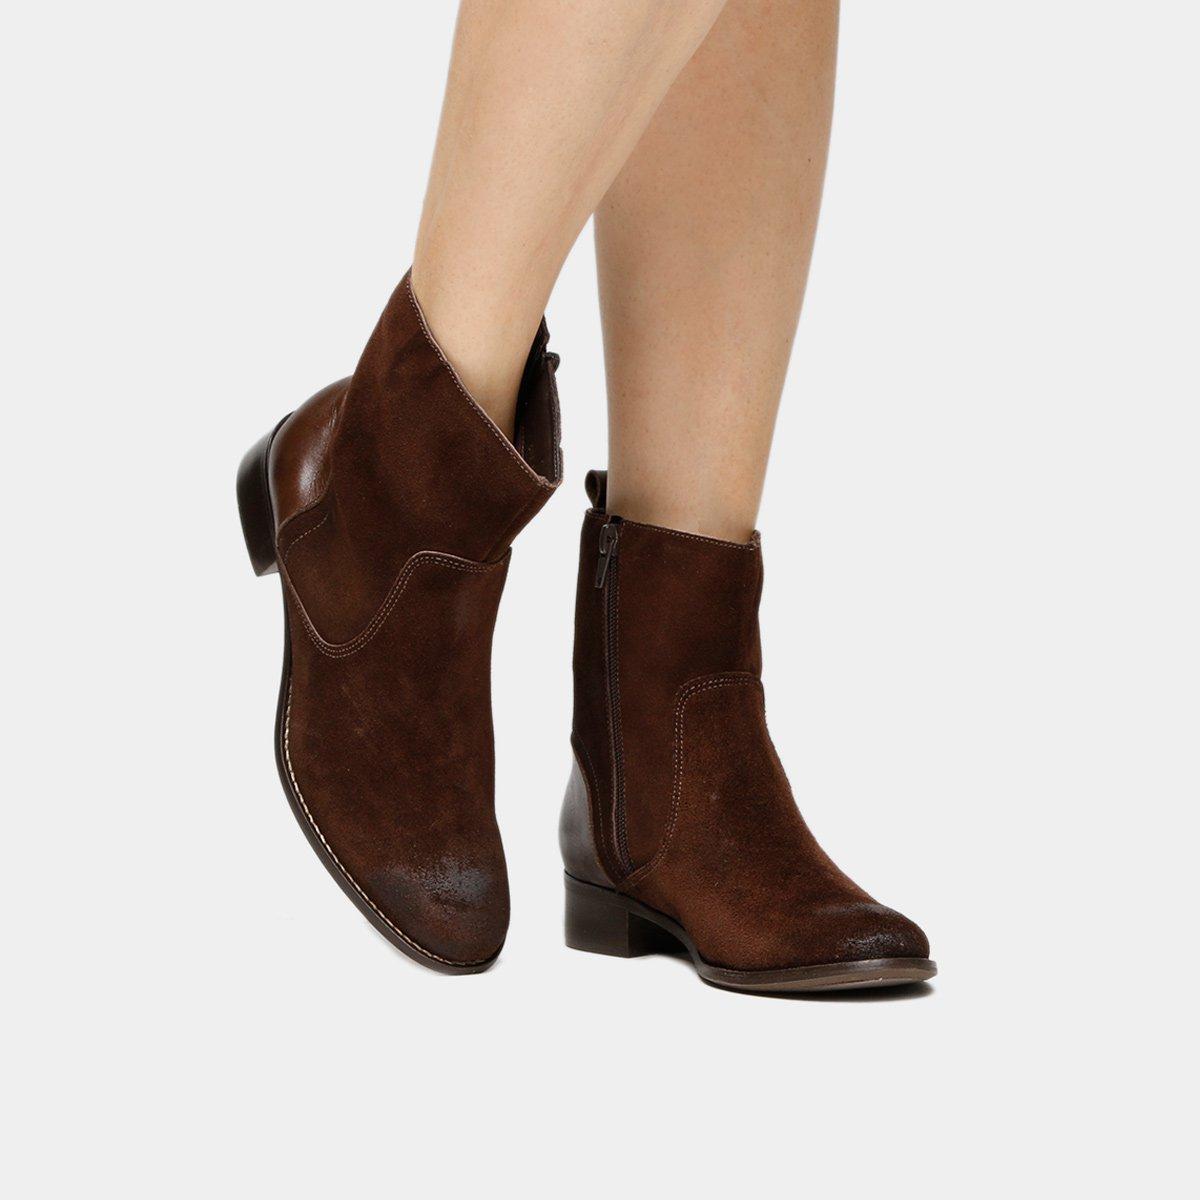 bde5012fbc Bota Couro Cano Médio Shoestock Flat Feminino - Marrom - Compre Agora